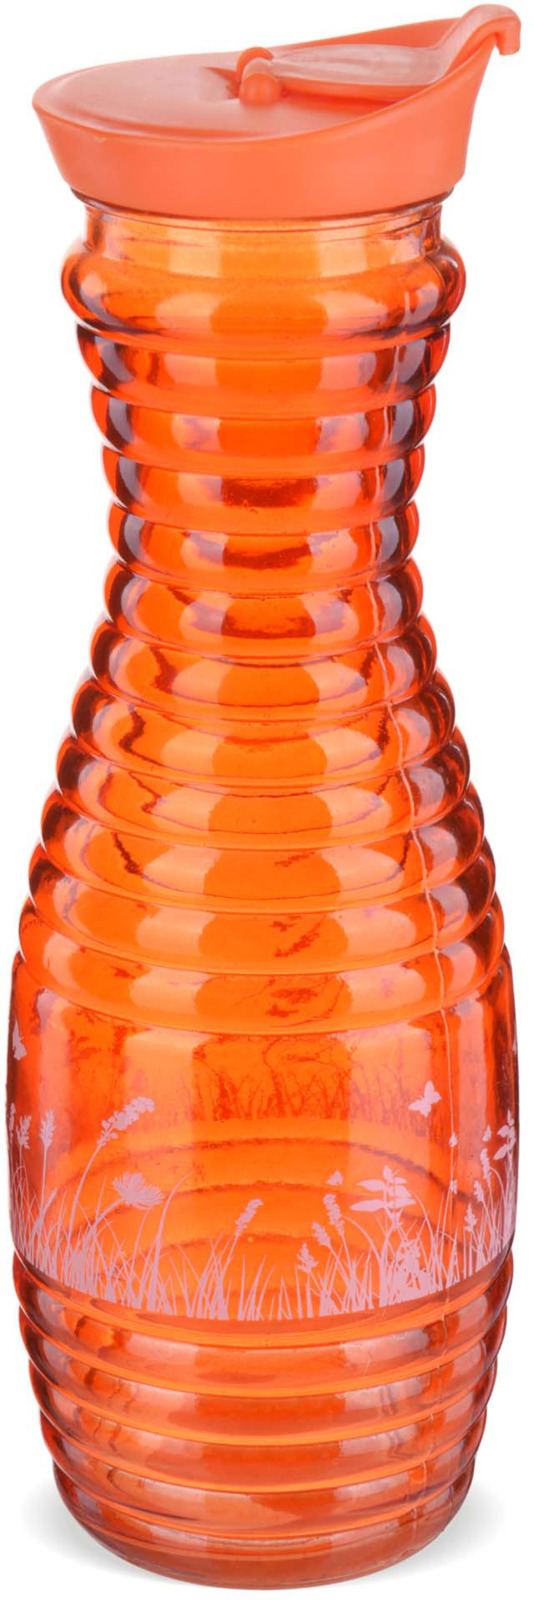 Графин Loraine, цвет: оранжевый, 1 л графин loraine 0 8 л